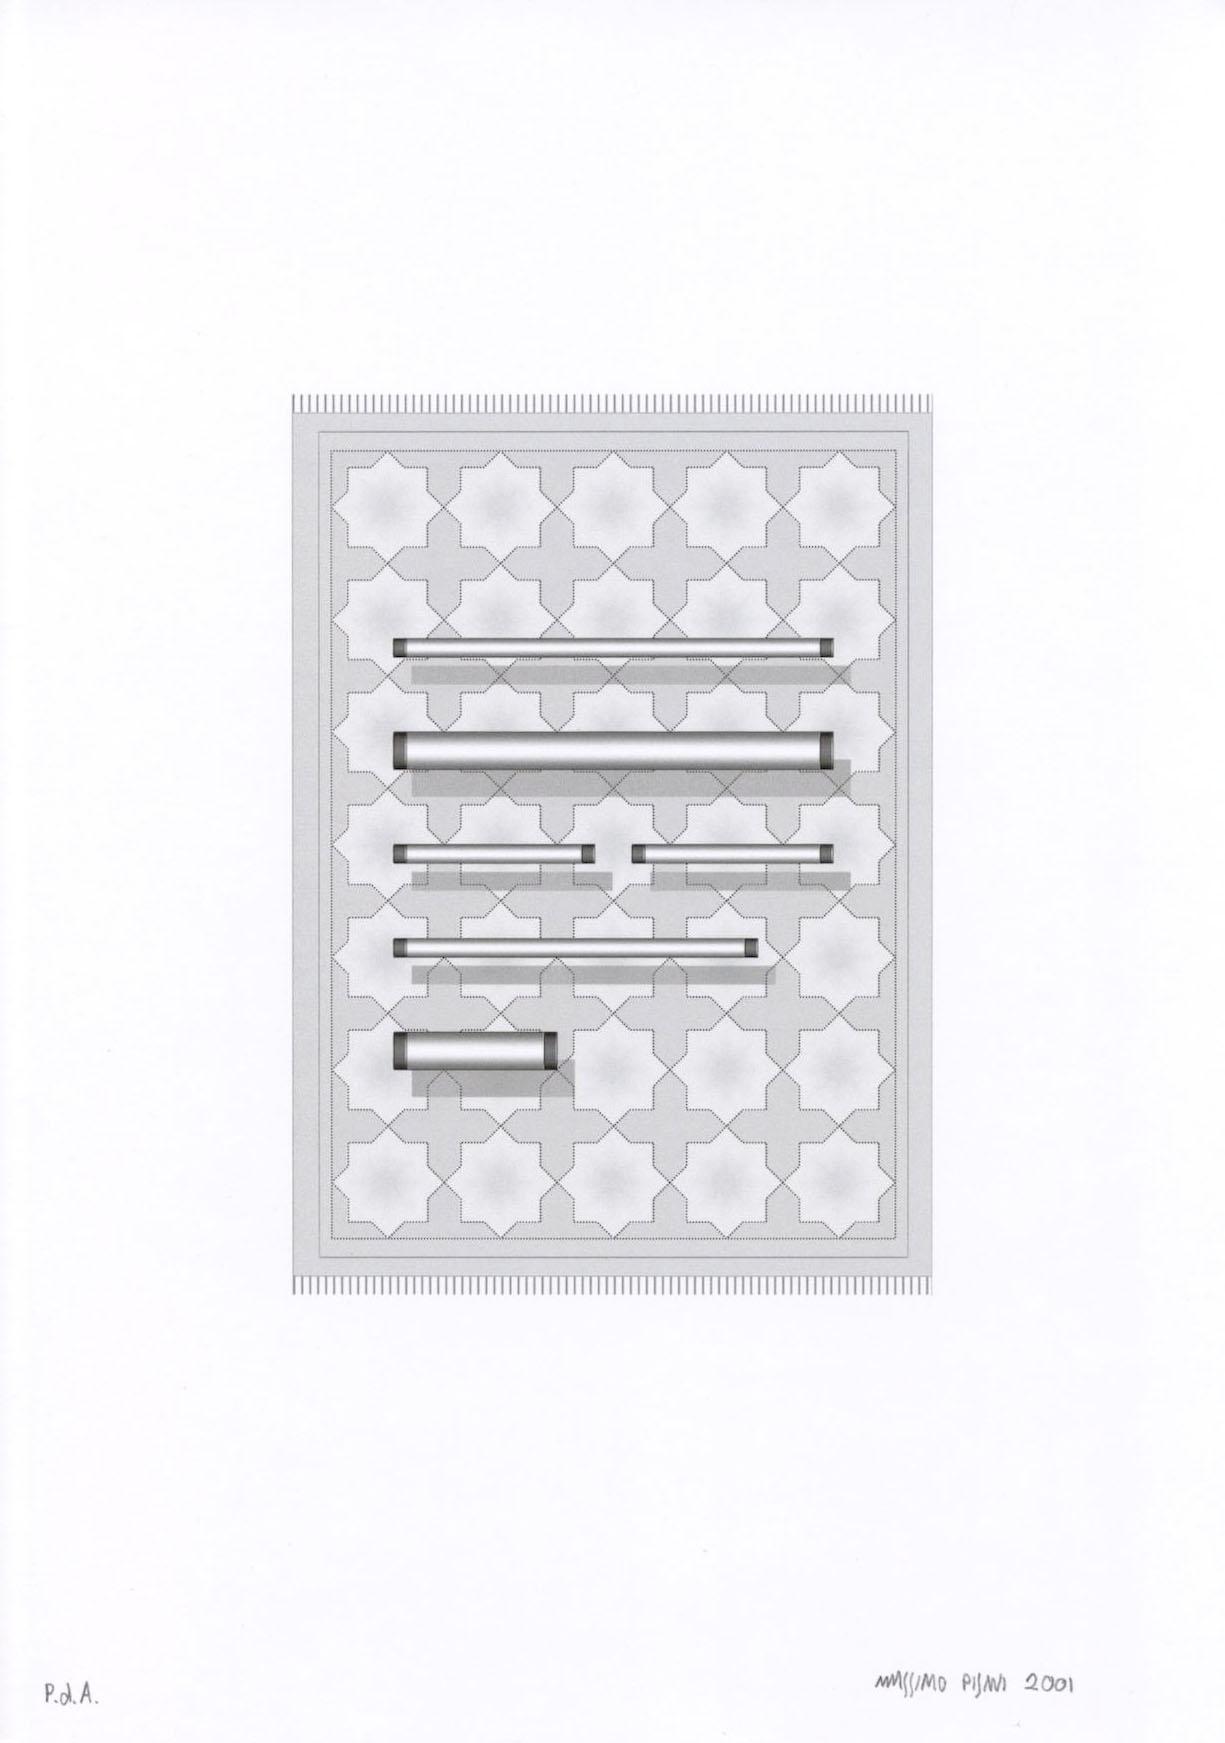 Ilustraciónes para la publicación Pulcino elefante cm.21x29,7 -2002- 36